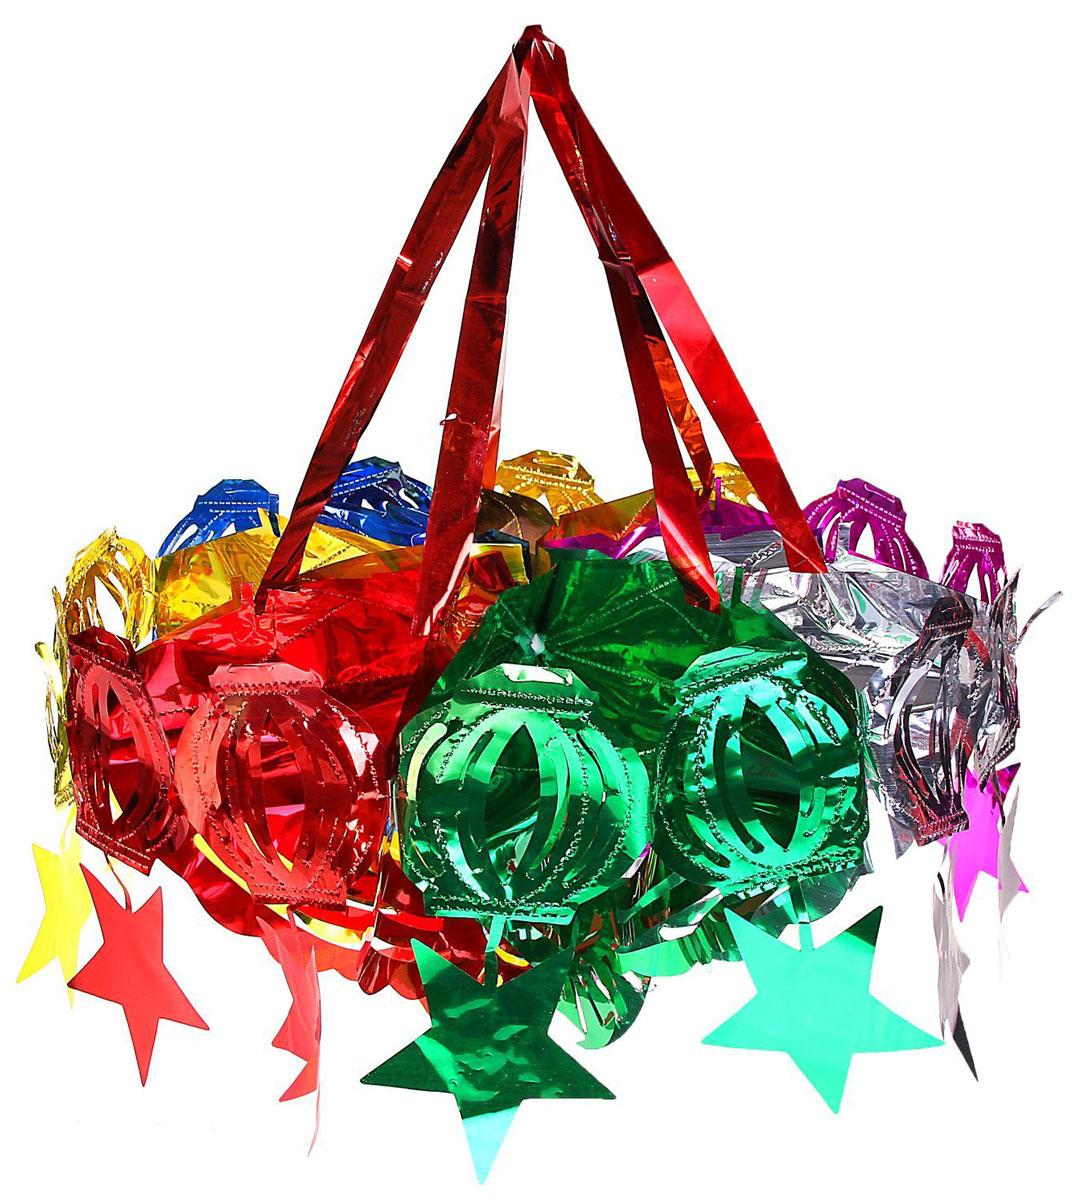 Гирлянда-фонарик Звезды, 29 х 35 см452417Невозможно представить нашу жизнь без праздников! Мы всегда ждем их и предвкушаем, обдумываем, как проведем памятный день, тщательно выбираем подарки и аксессуары, ведь именно они создают и поддерживают торжественный настрой. Новогодние аксессуары — это отличный выбор, который привнесет атмосферу праздника в ваш дом!